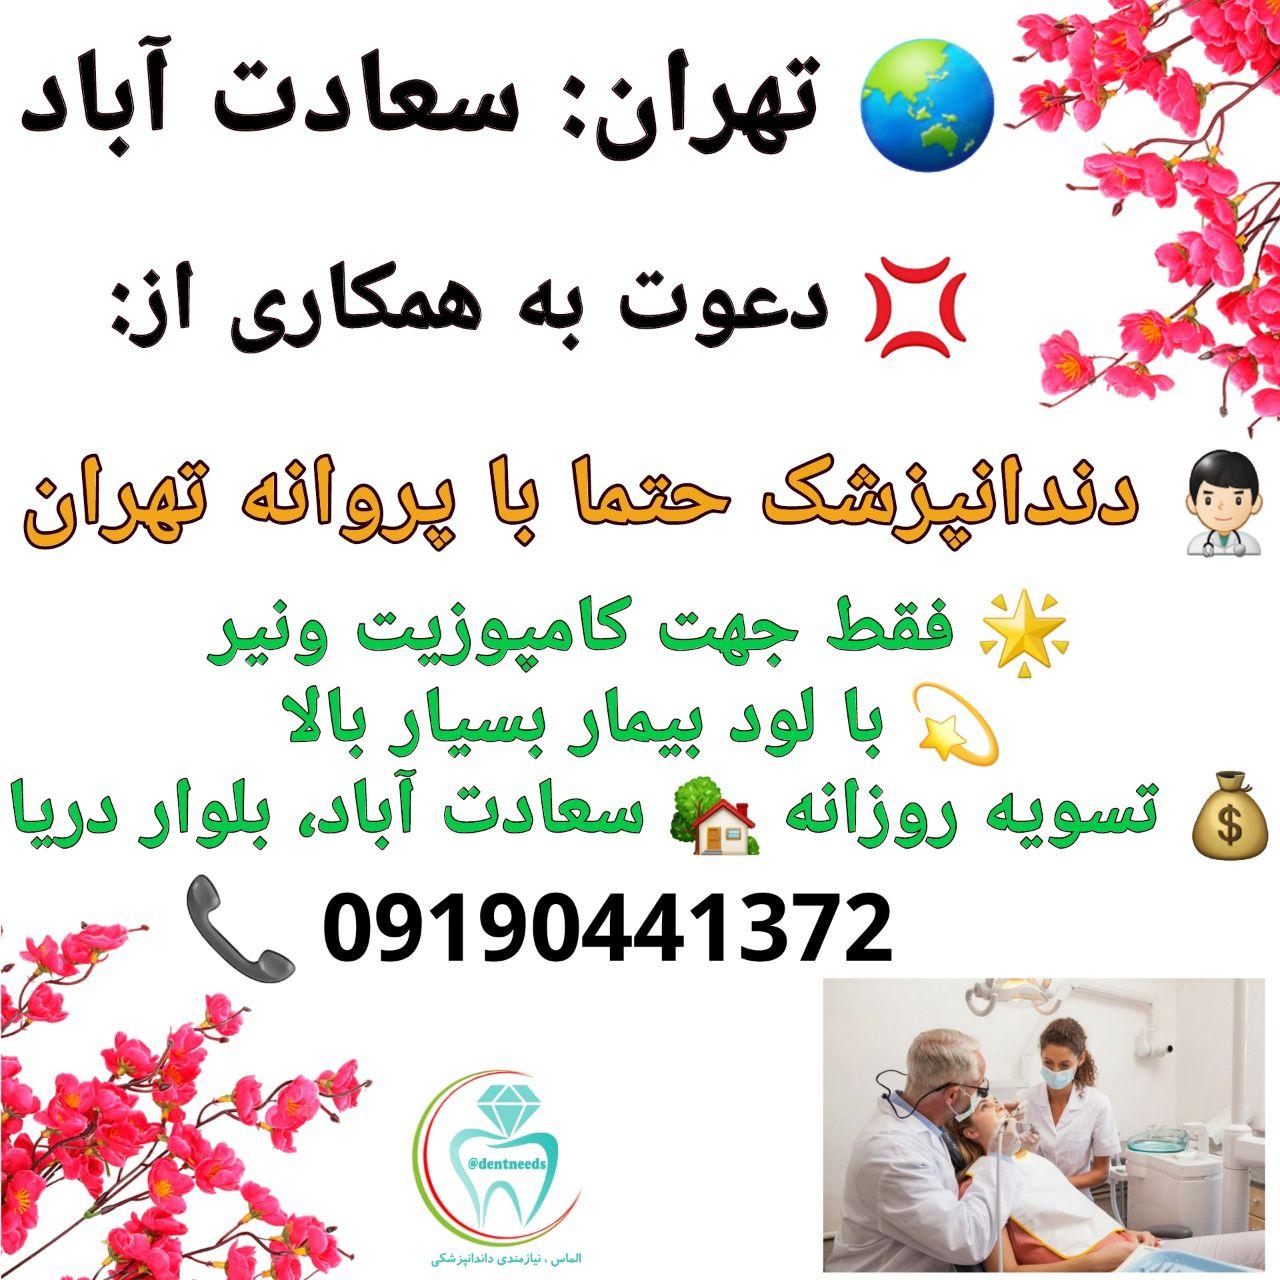 تهران: سعادت آباد، دعوت به همکاری از دندانپزشک حتما با پروانه تهران